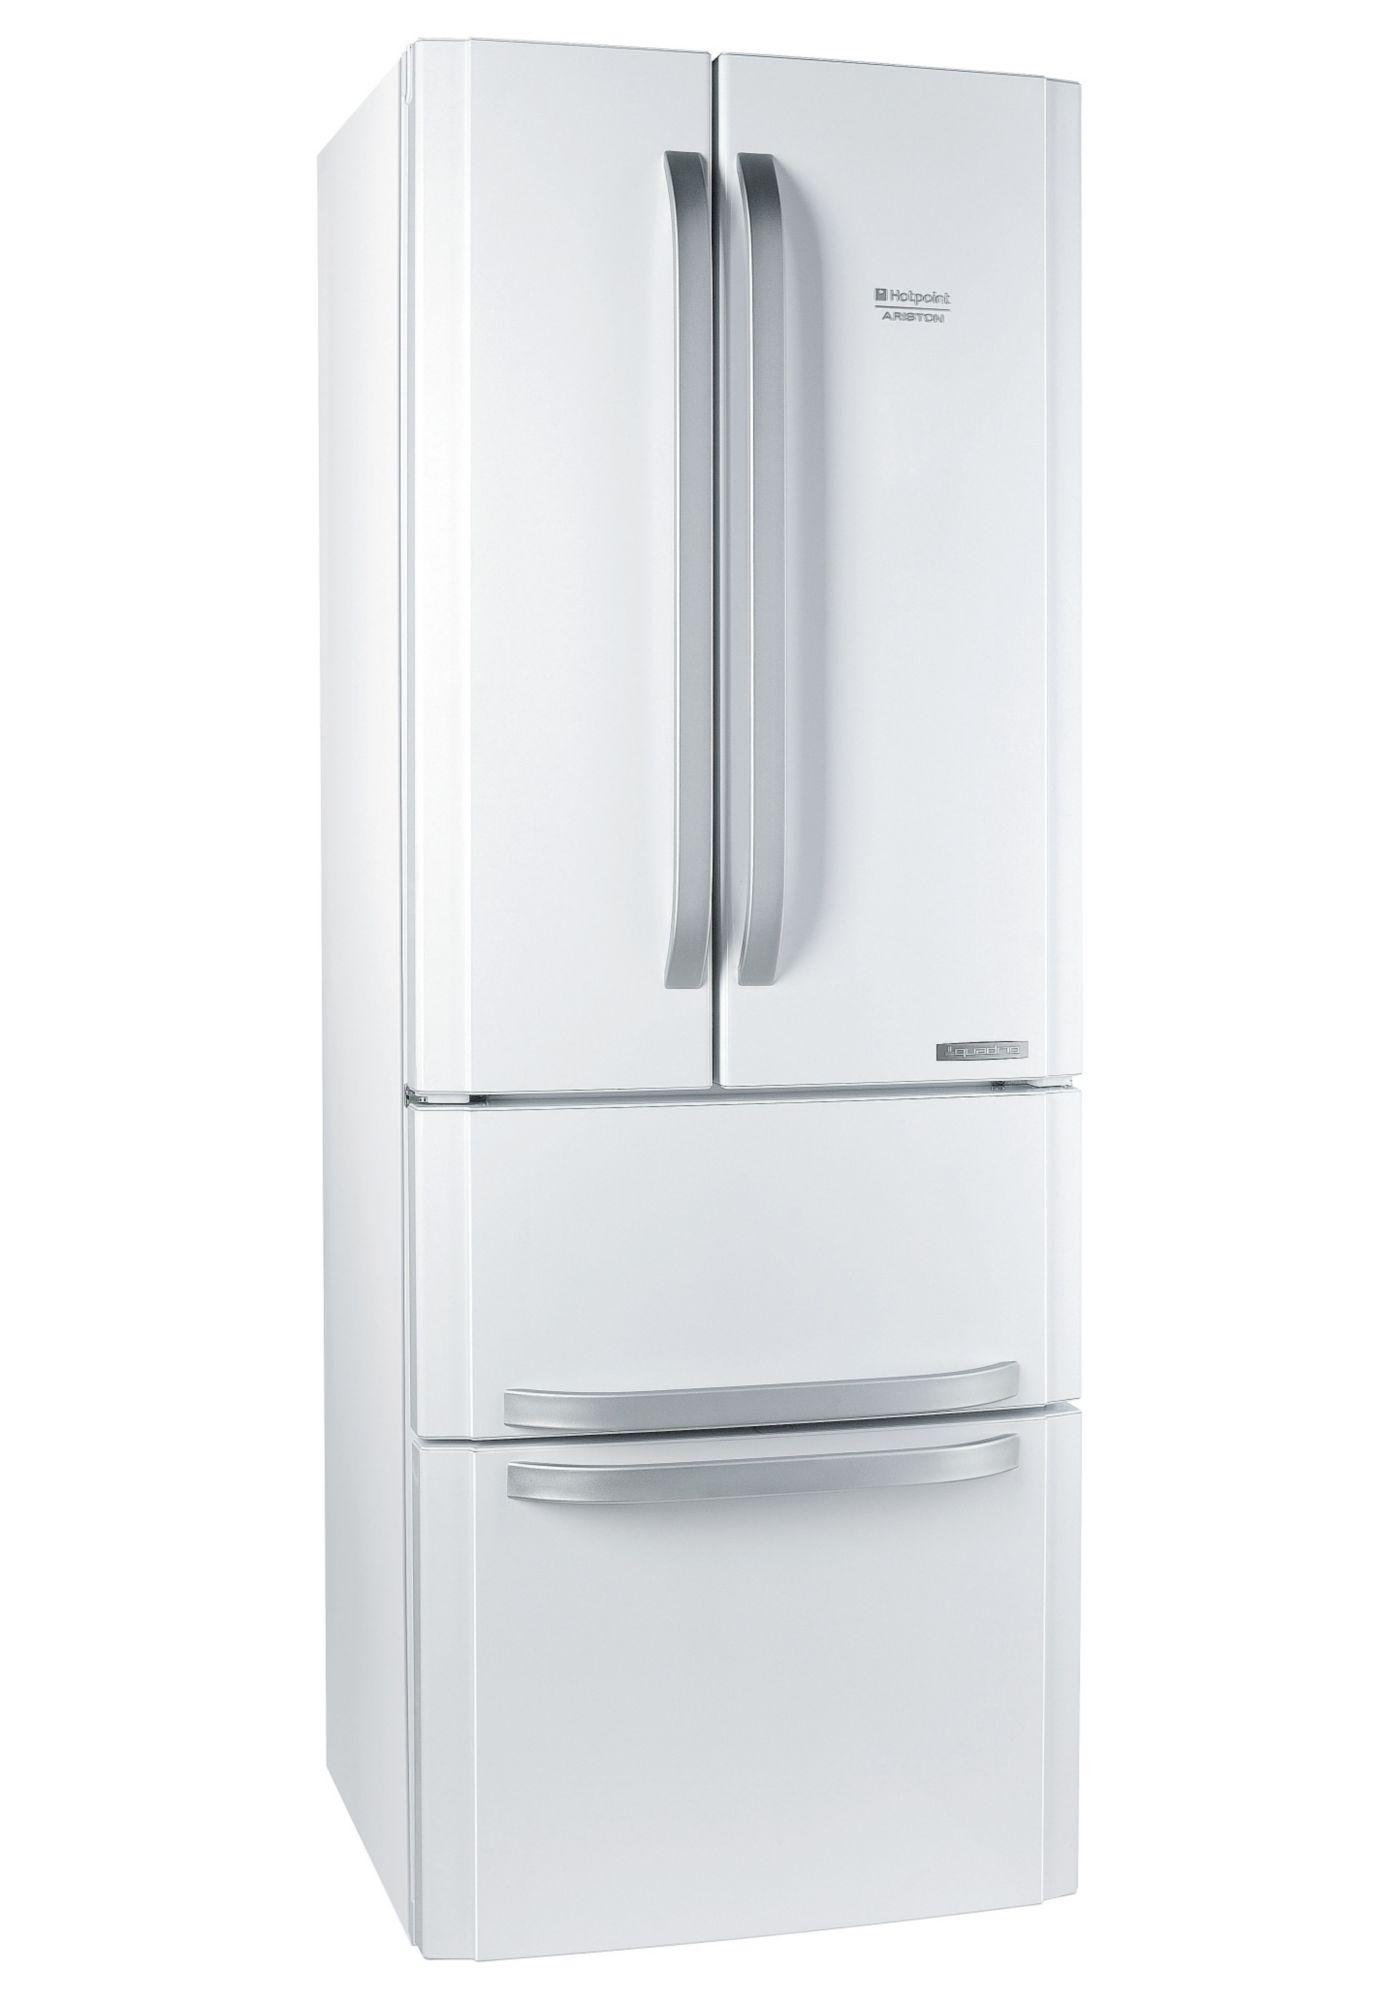 HOTPOINT Hotpoint French Door Kühlschrank E4DAAWC, A+, 195,5 cm hoch, NoFrost